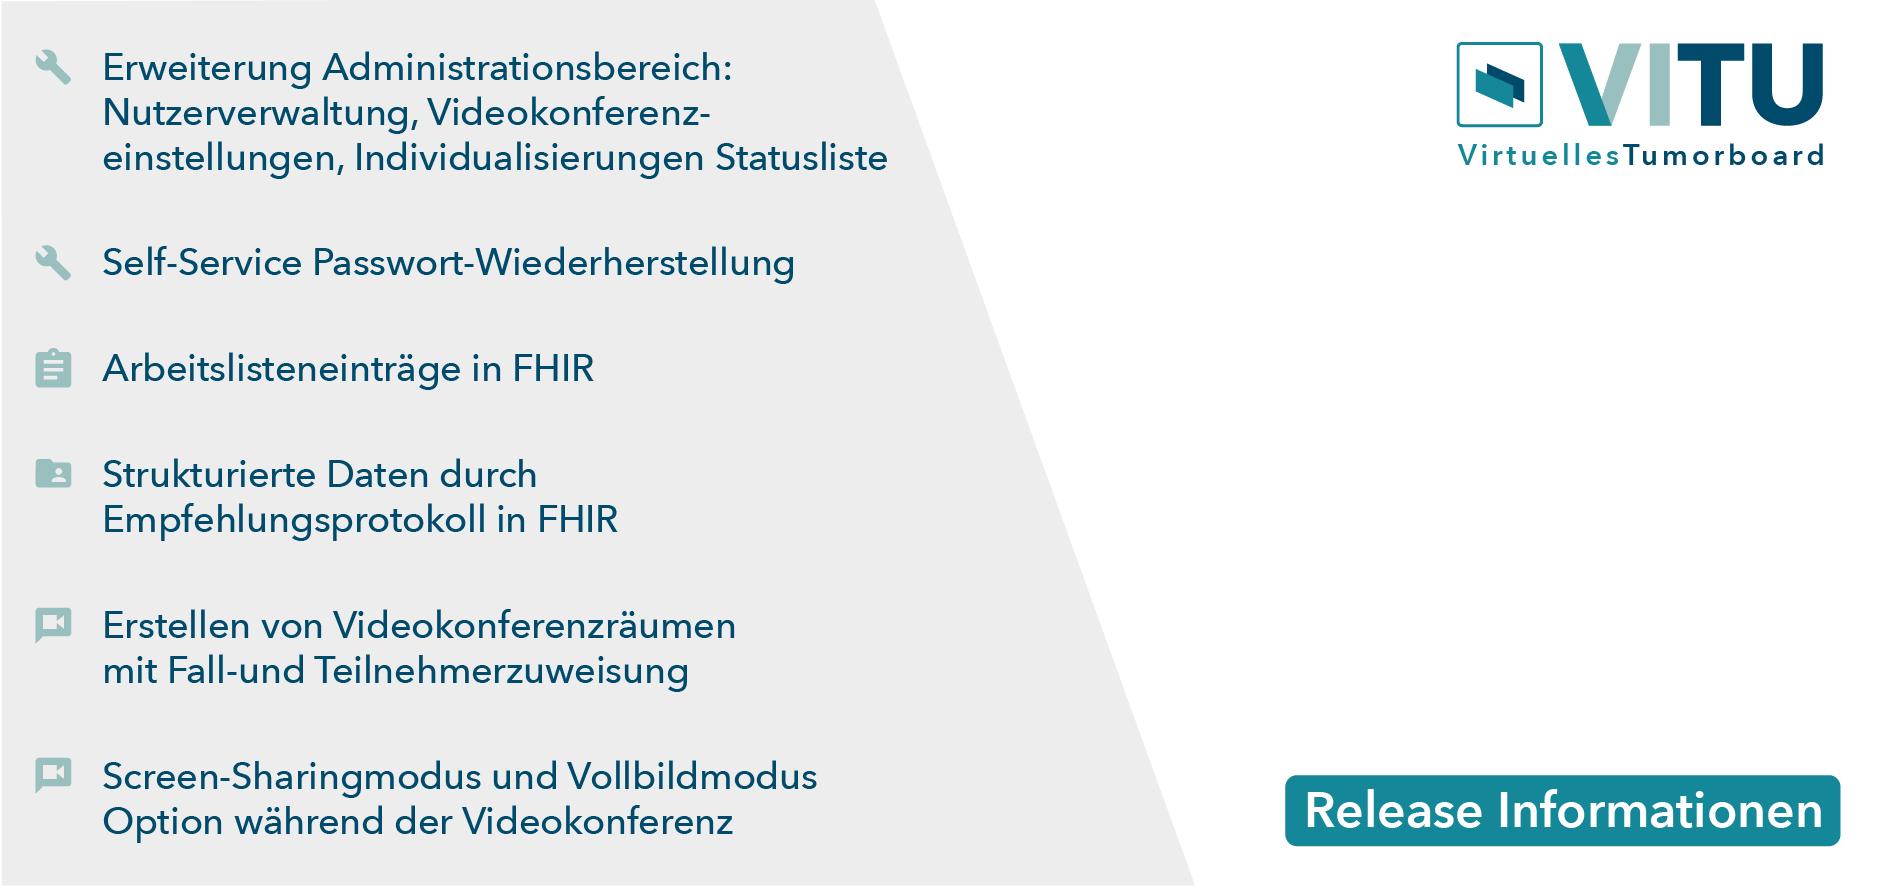 Erweiterung Administrationsbereich: Nutzerverwaltung, Videokonferenzeinstellungen, Individualisierungen Statusliste Self-Service Passwort Wiederherstellung Arbeistlisteneinträge in FHIR Erstellen von Videokonferenzräumen mit Fall-und Teilnehmerzuweisung Screen-Sharingmodus und Vollbildmodus Option während der Videokonferenz Strukturierte Daten durch Empfehlungsprotokoll in FHIR